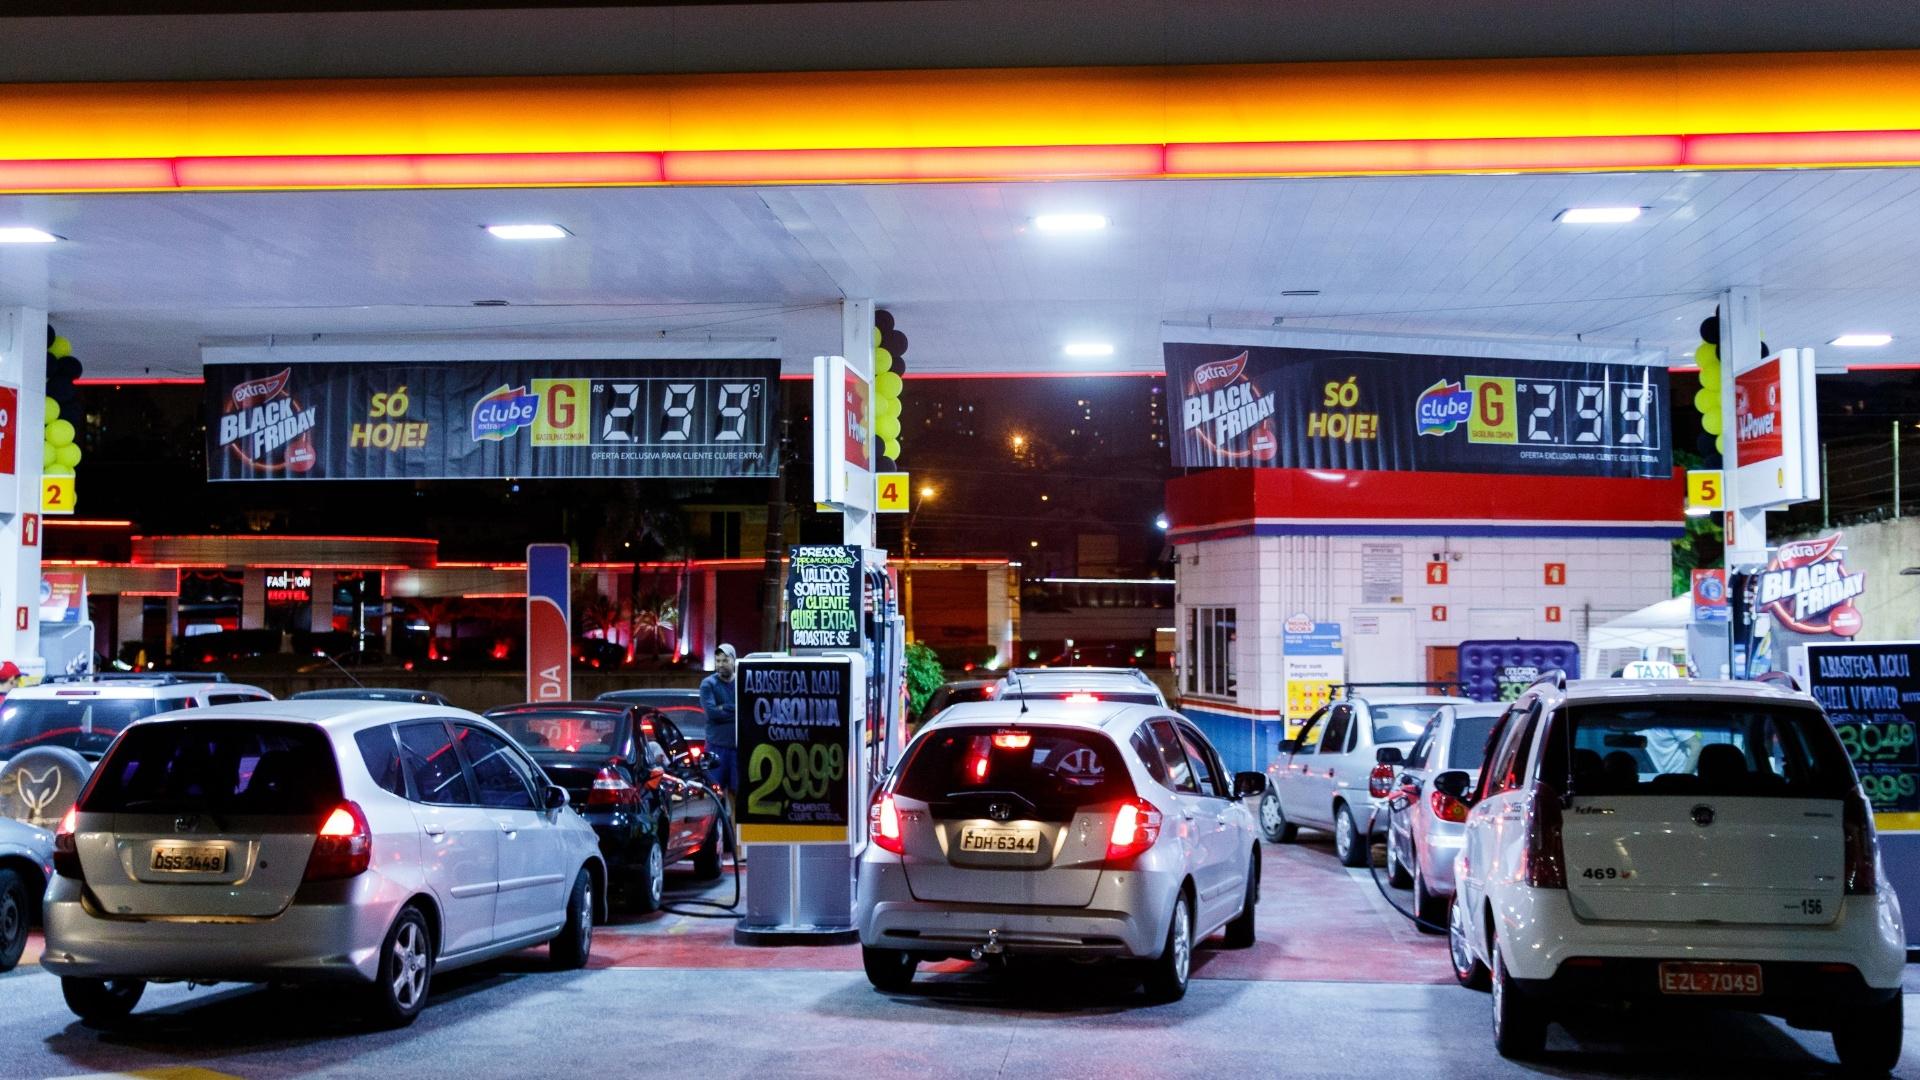 7ddd283c2 Dia sem imposto tem gasolina por R$ 2,28 e BMW com desconto de R$ 51 mil -  24/05/2018 - UOL Economia